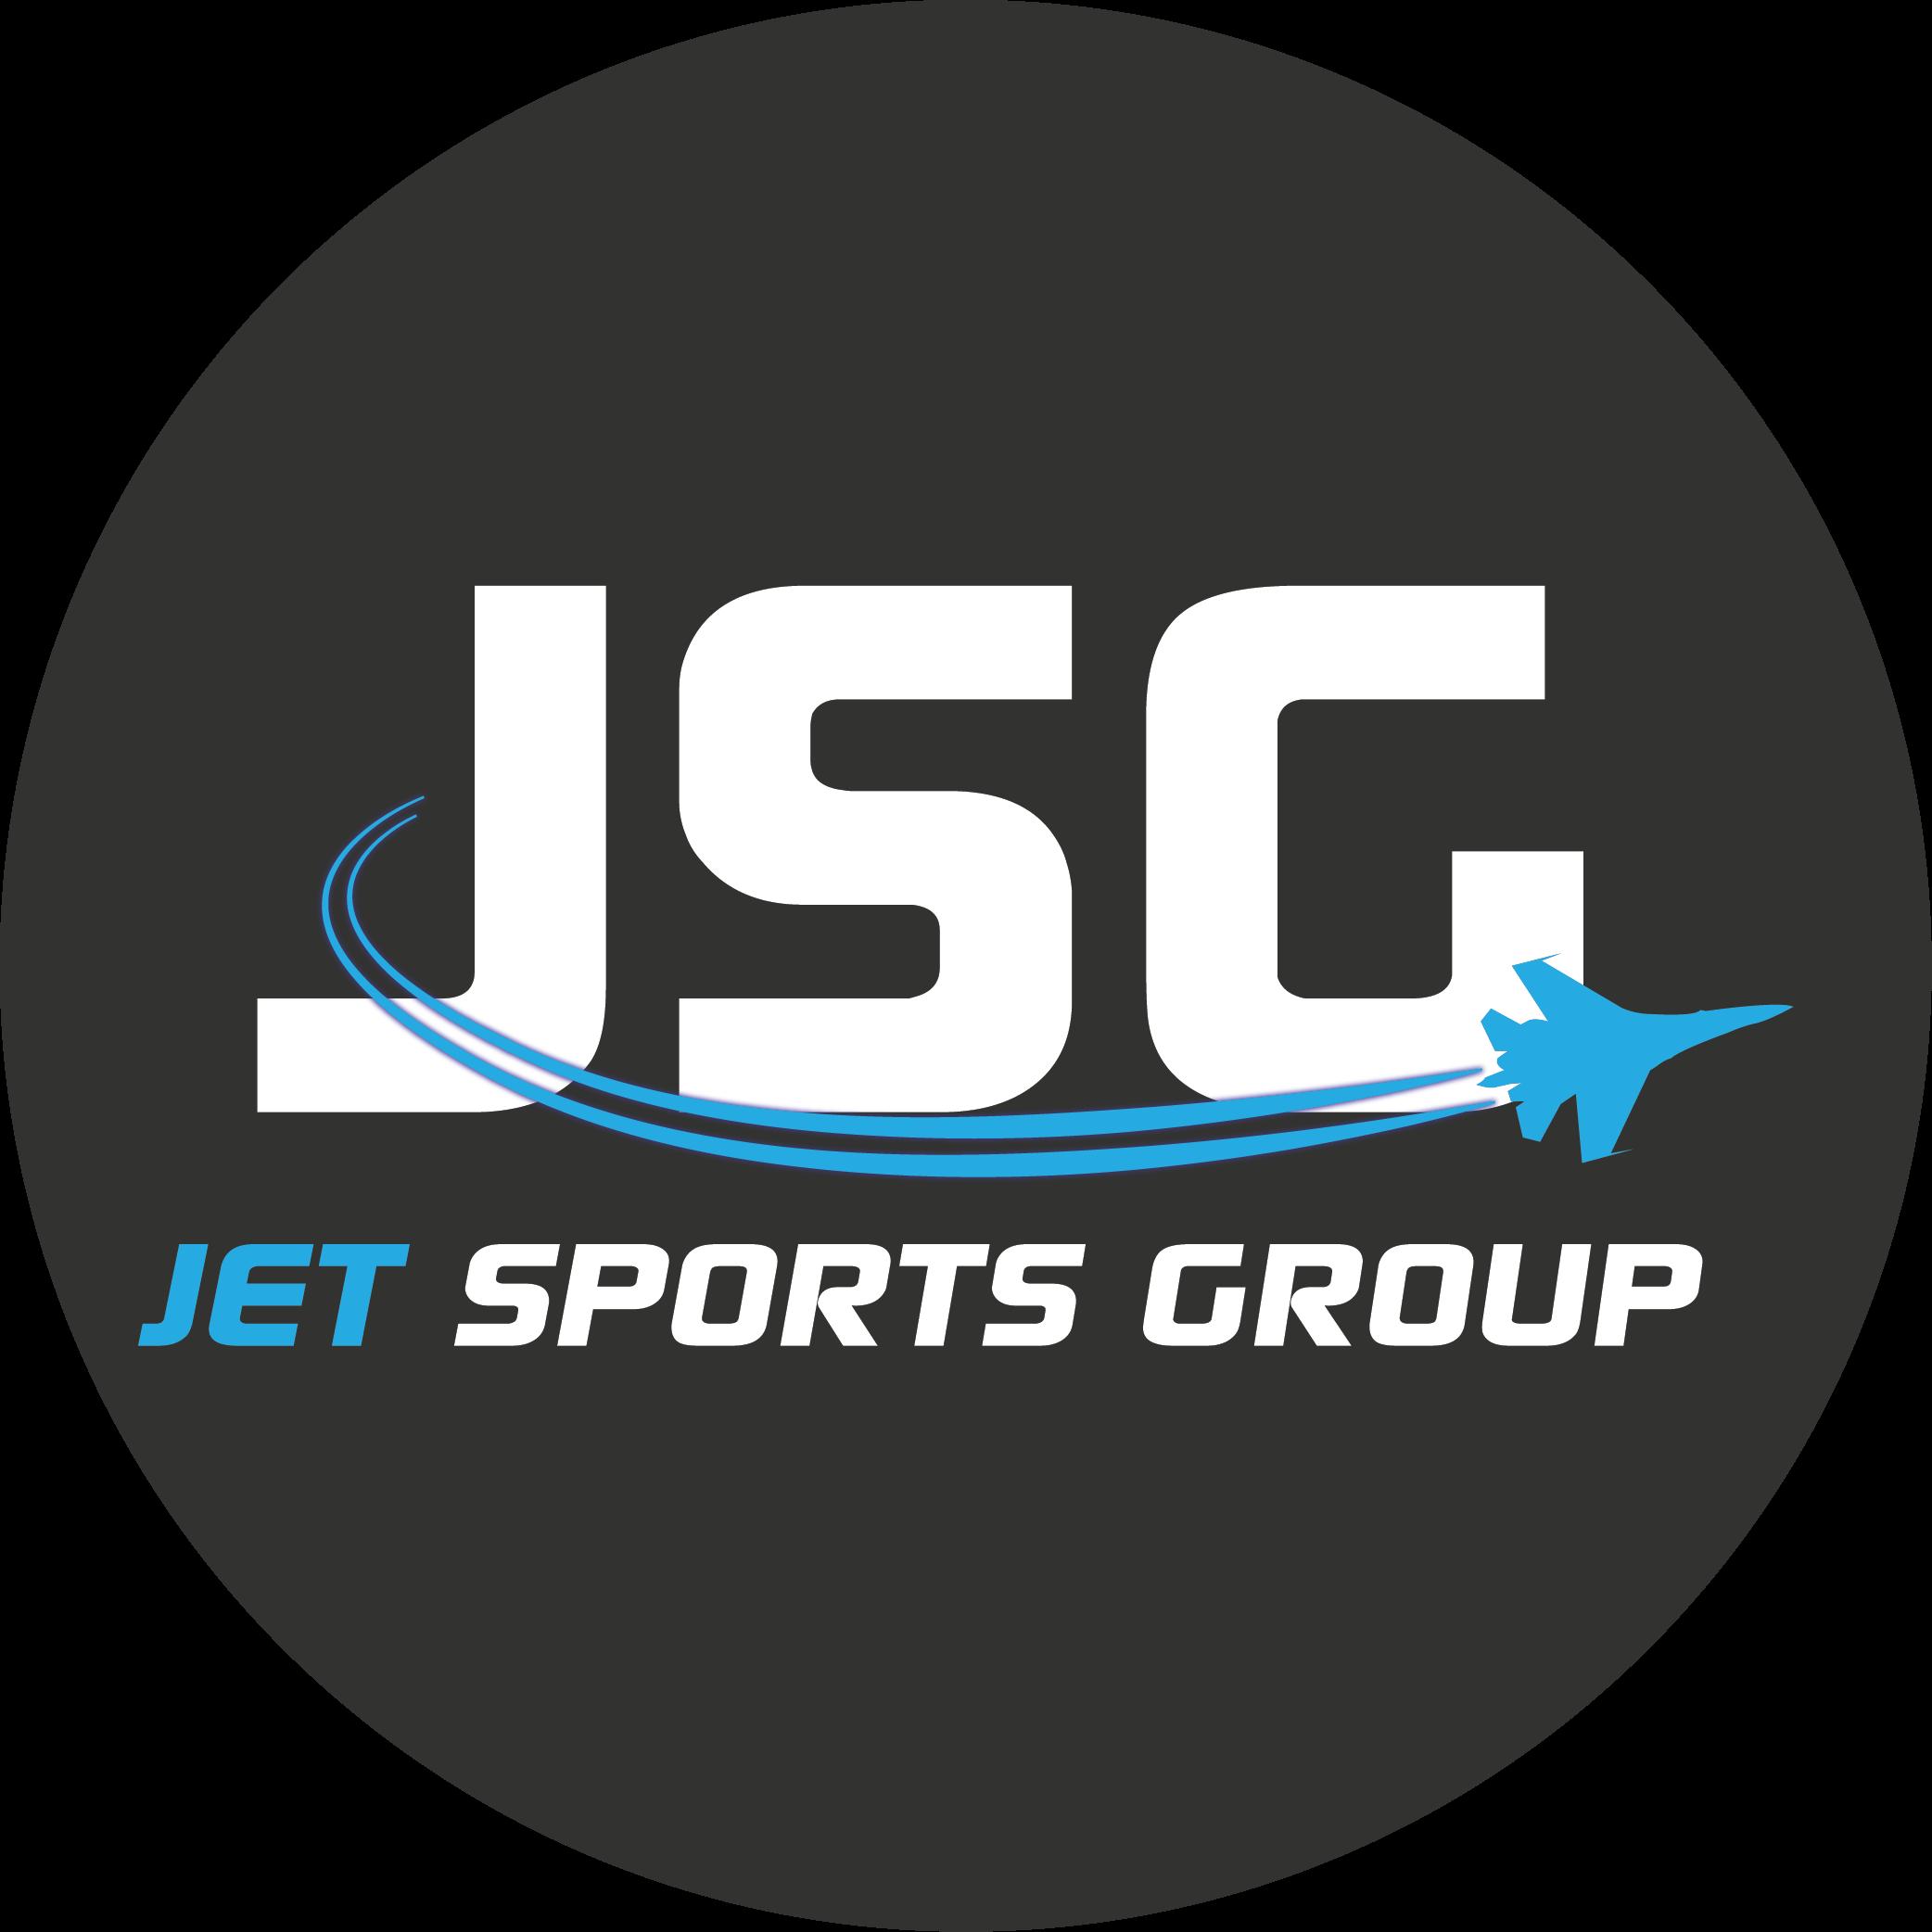 Jet Sports Group